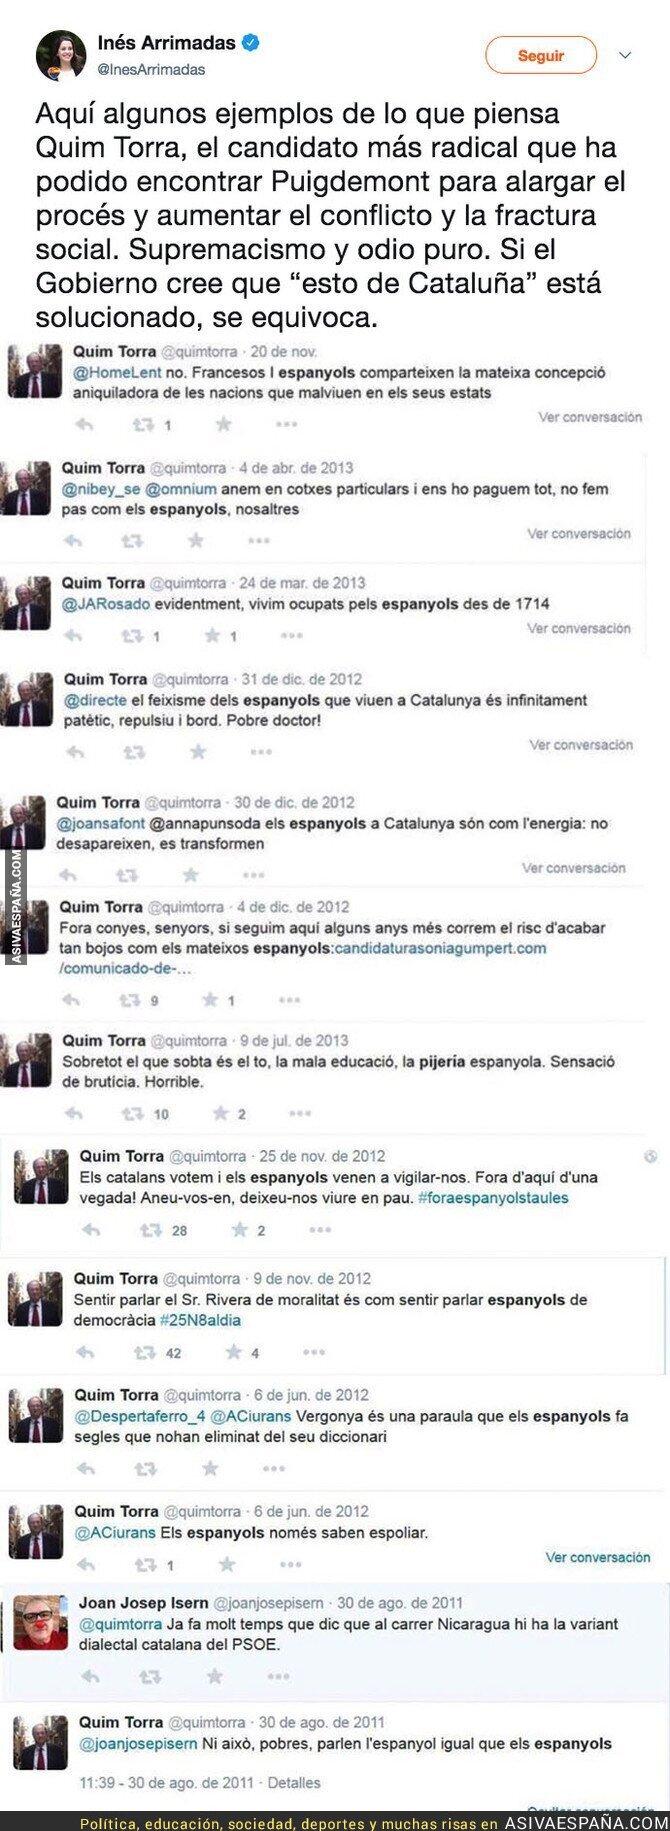 86674 - Los polémicos tuits de Quim Torra (candidato a President de Catalunya) llenos de odio que ya ha borrado